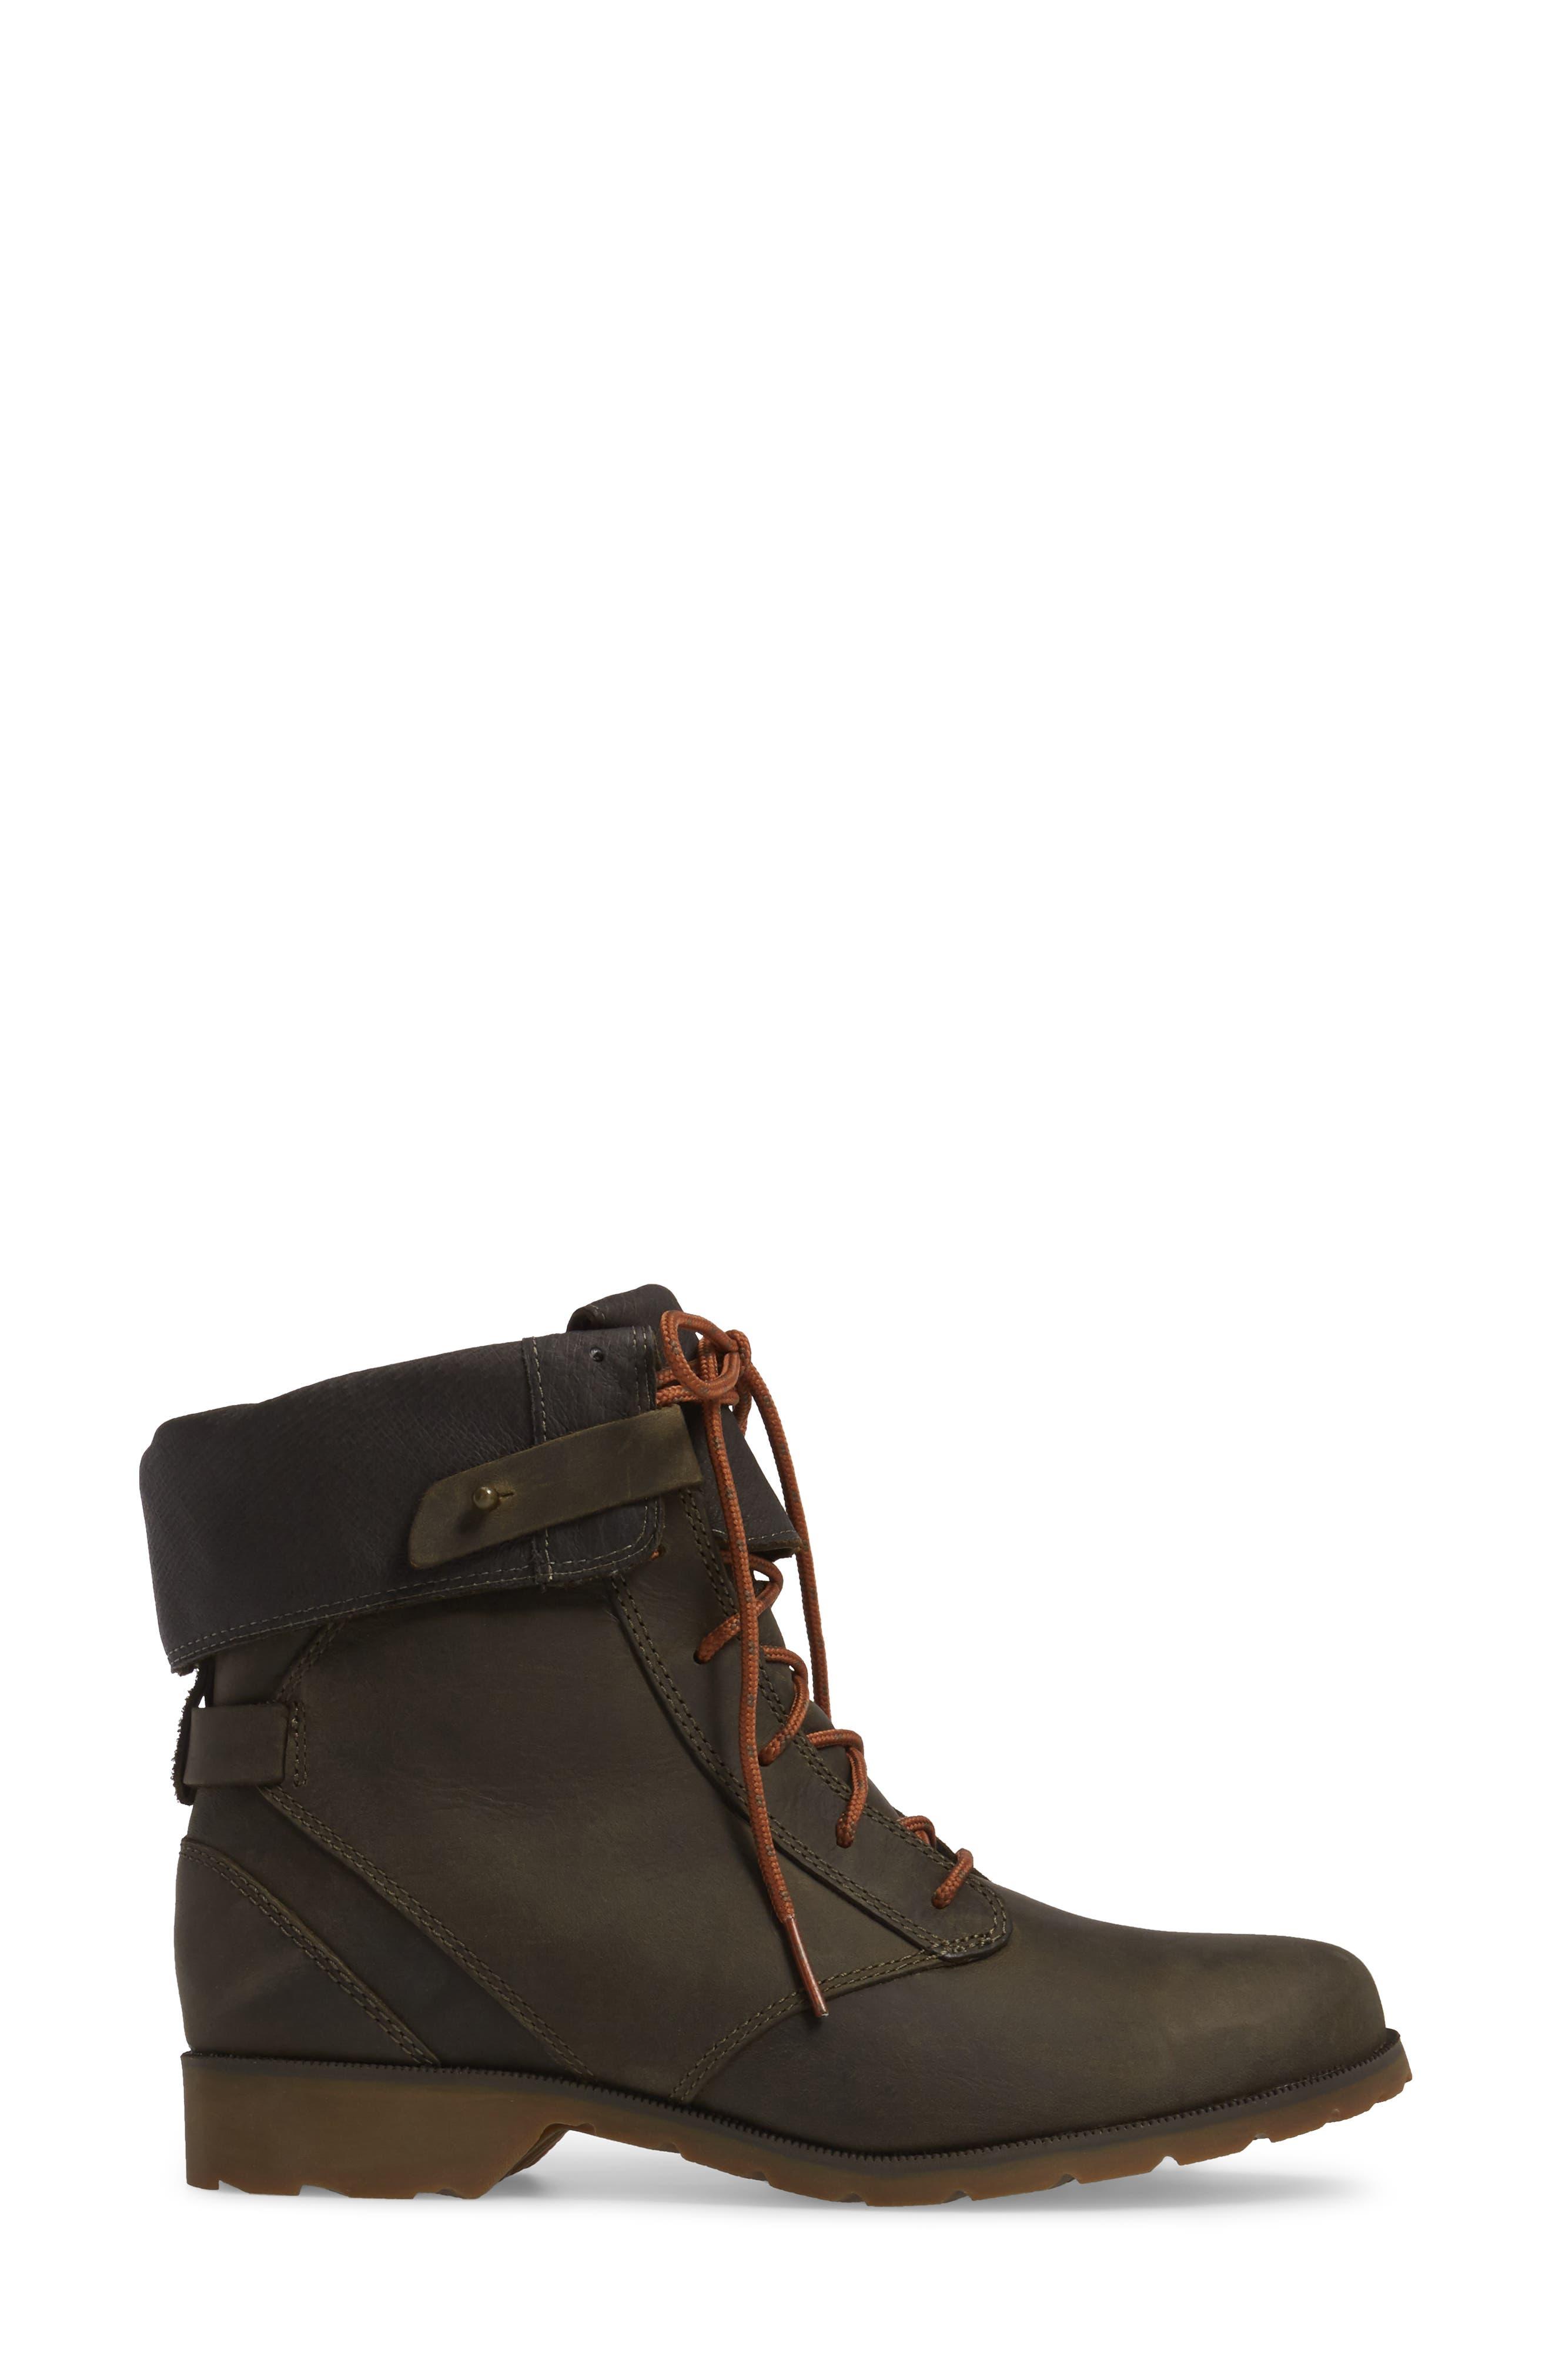 'De La Vina' Waterproof Lace-Up Boot,                             Alternate thumbnail 3, color,                             306